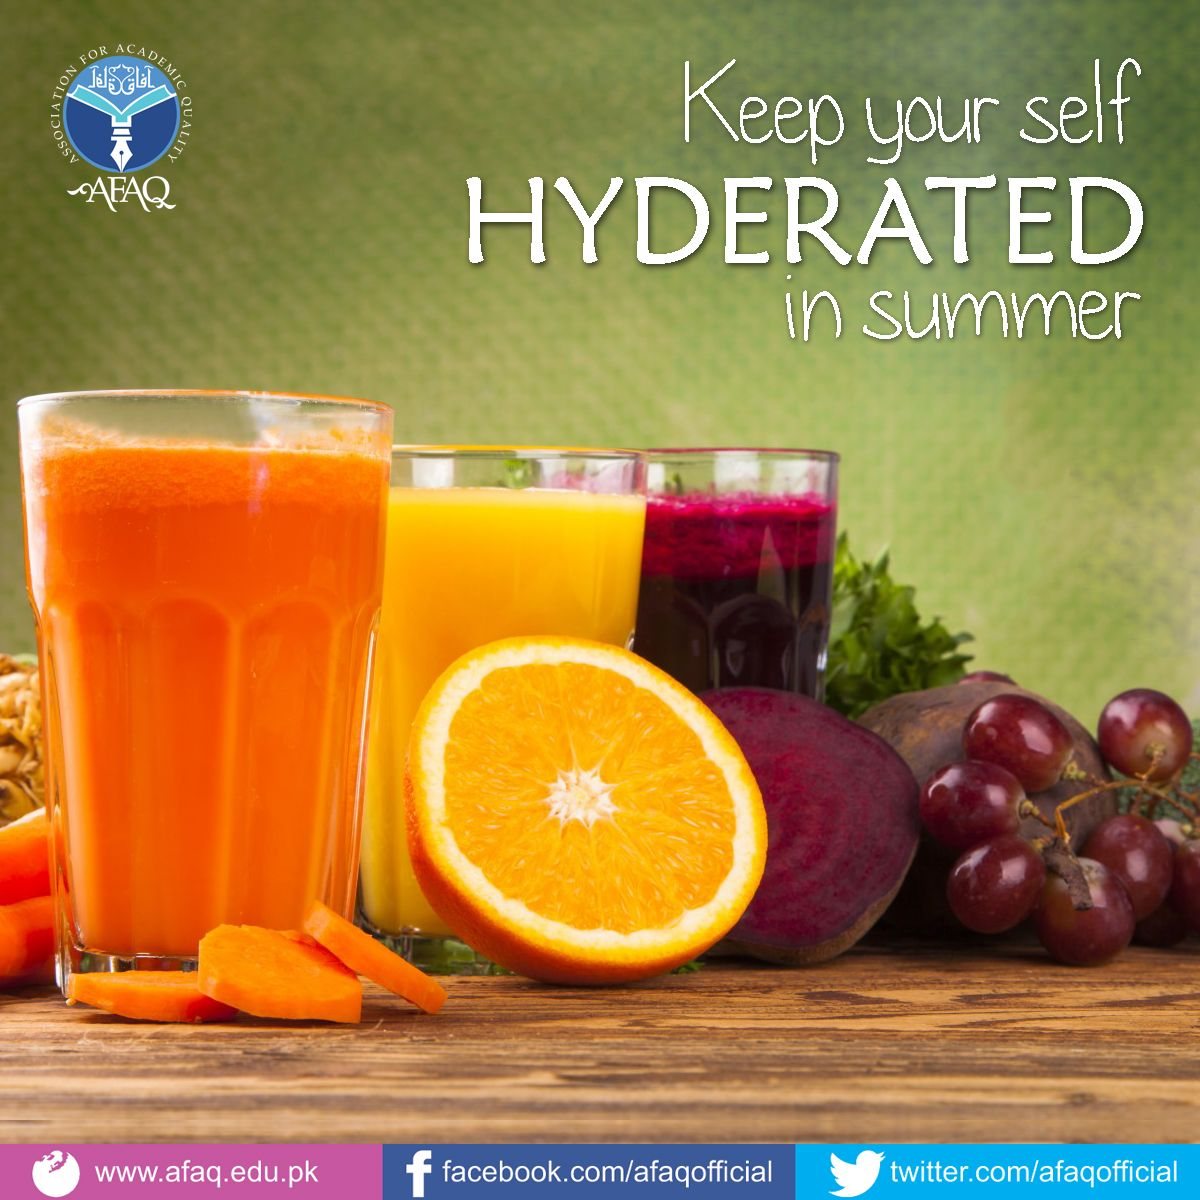 Keep hydrated in summer vegetable juice detox juice